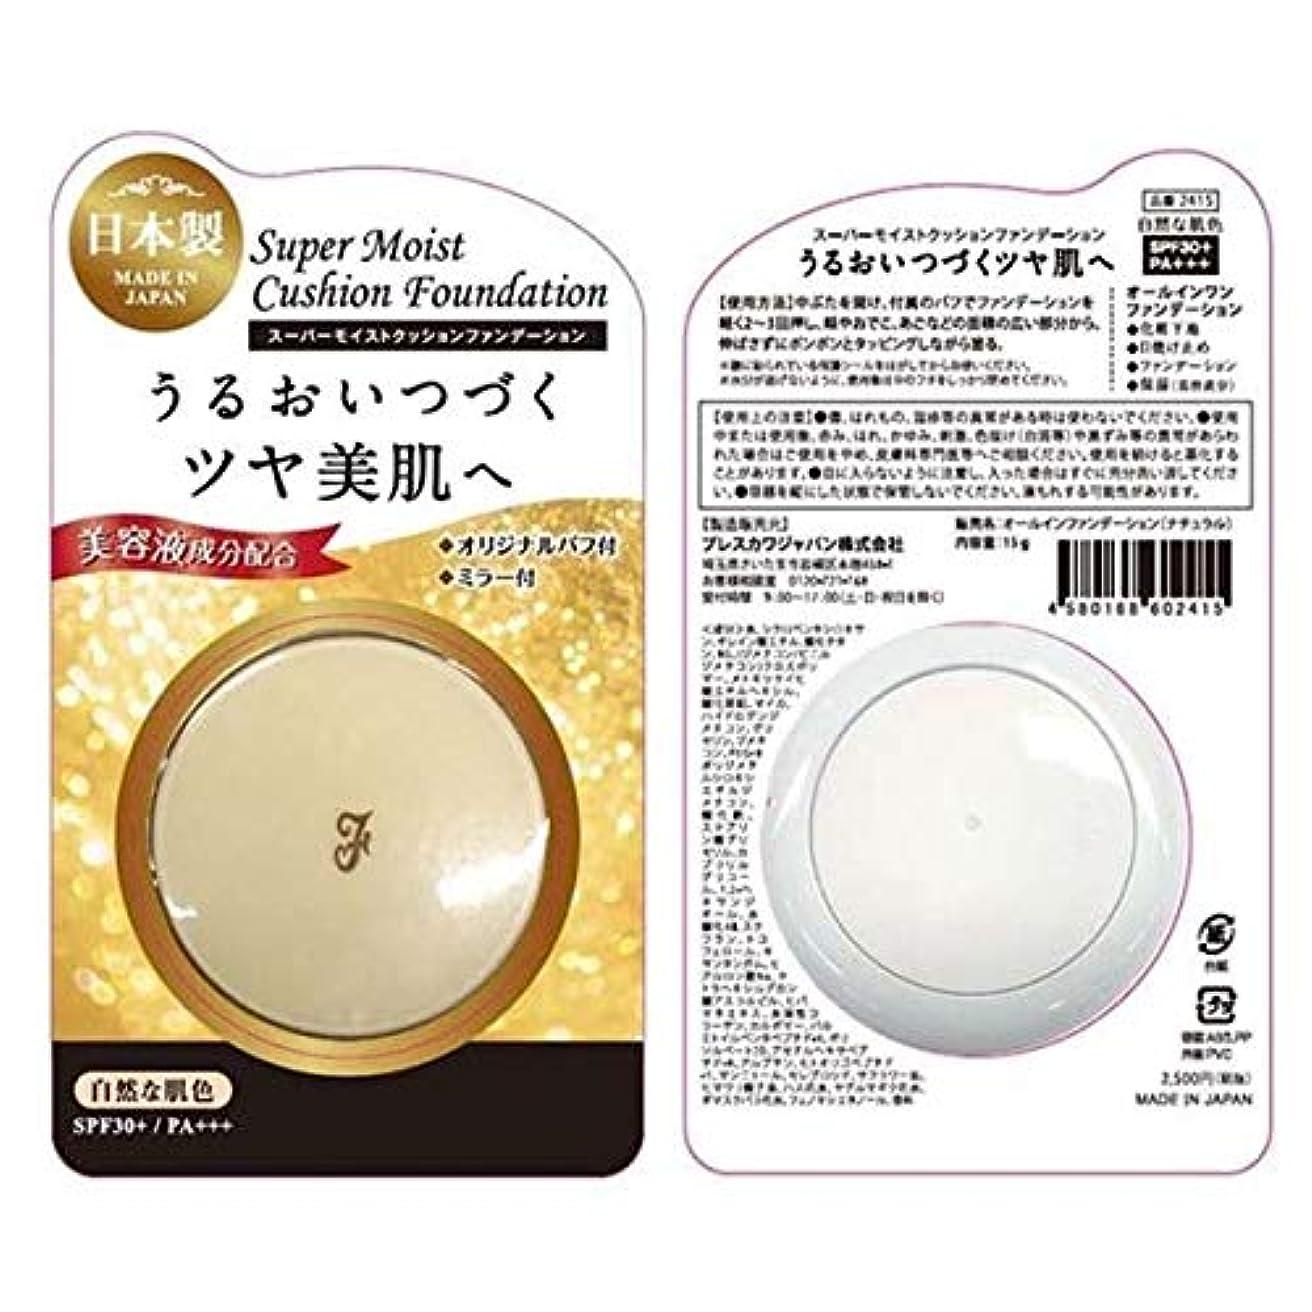 デザイナー子音神の日本製●クッションファンデーション SPF30+ PA+++ 新色 自然な肌色 さらっとした使い心地 コスメ しっとりなめらか ファンデ